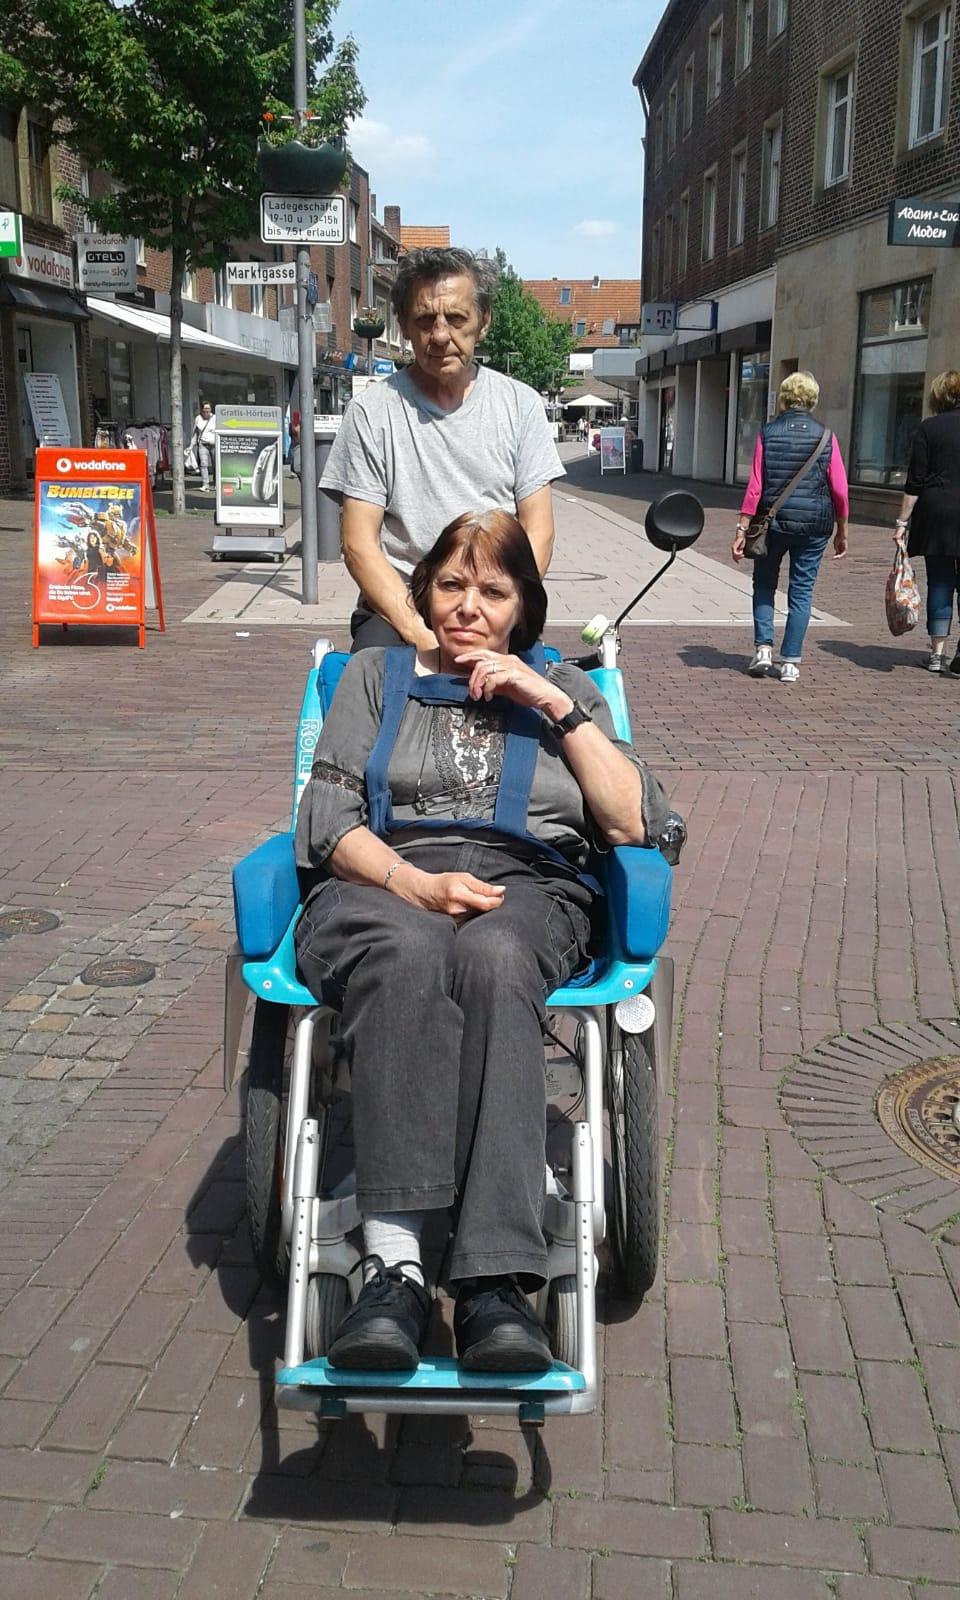 Foto von Herr und Frau König mit ihrem besonderen Tandem Fahrrad. Frau König sitzt vorne in einem Sitz. Herr König fährt das Rad.